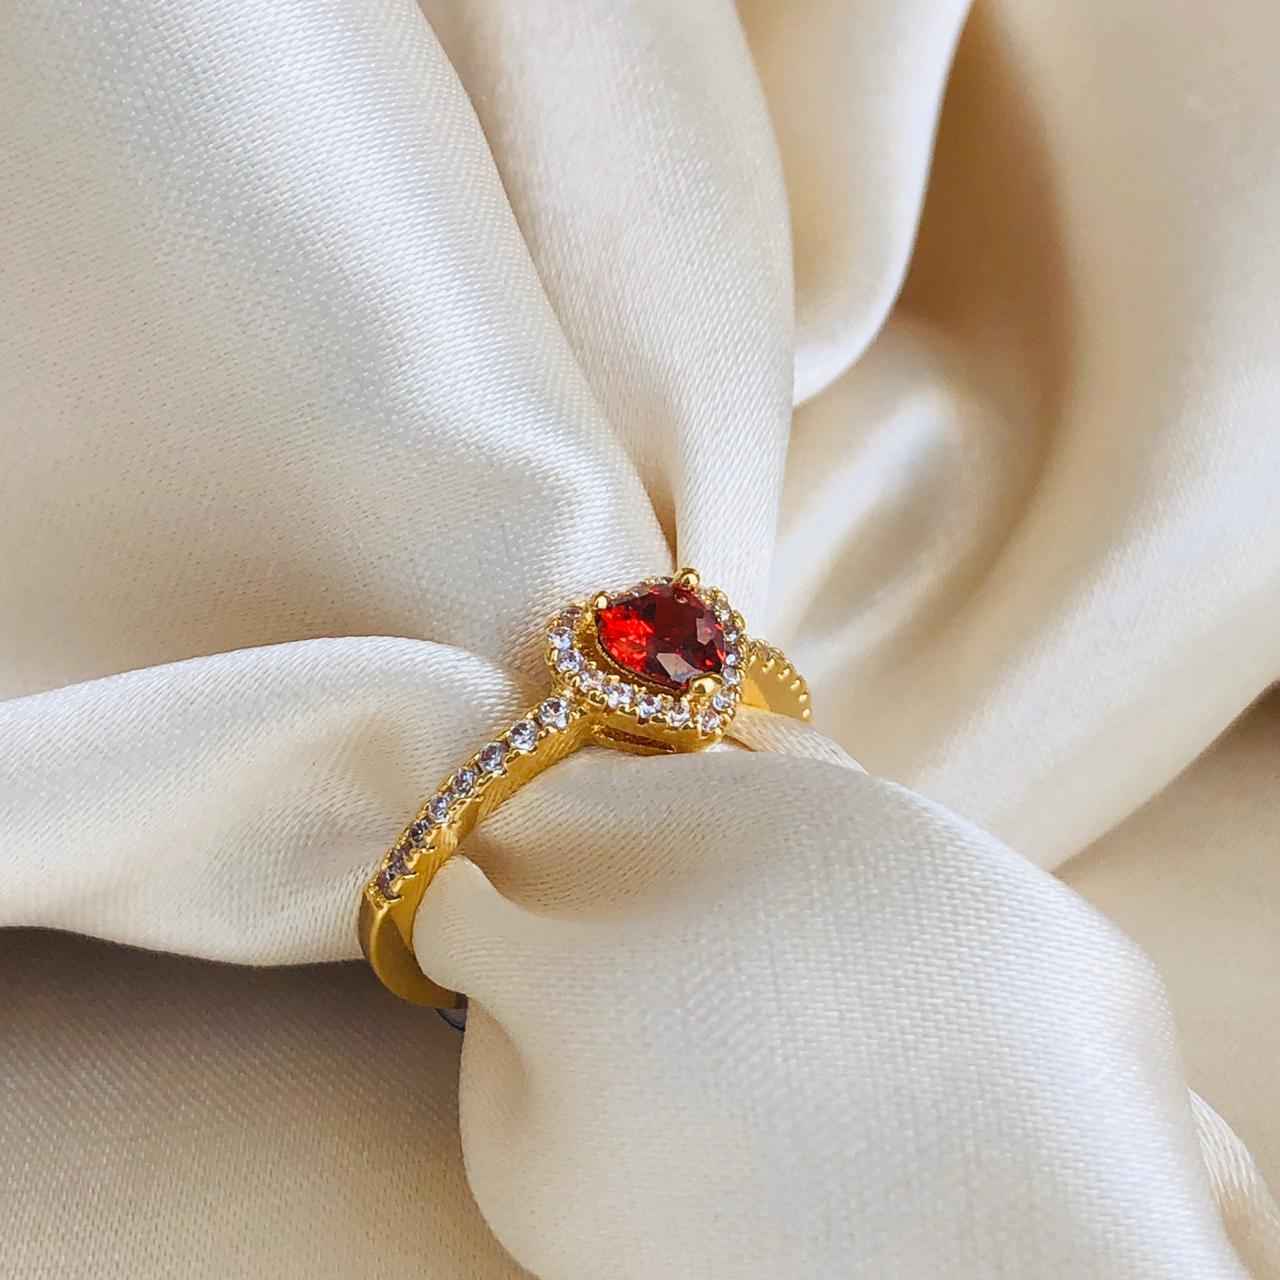 Anel Coração em Rubi Cravejado Banhado em Ouro 18k